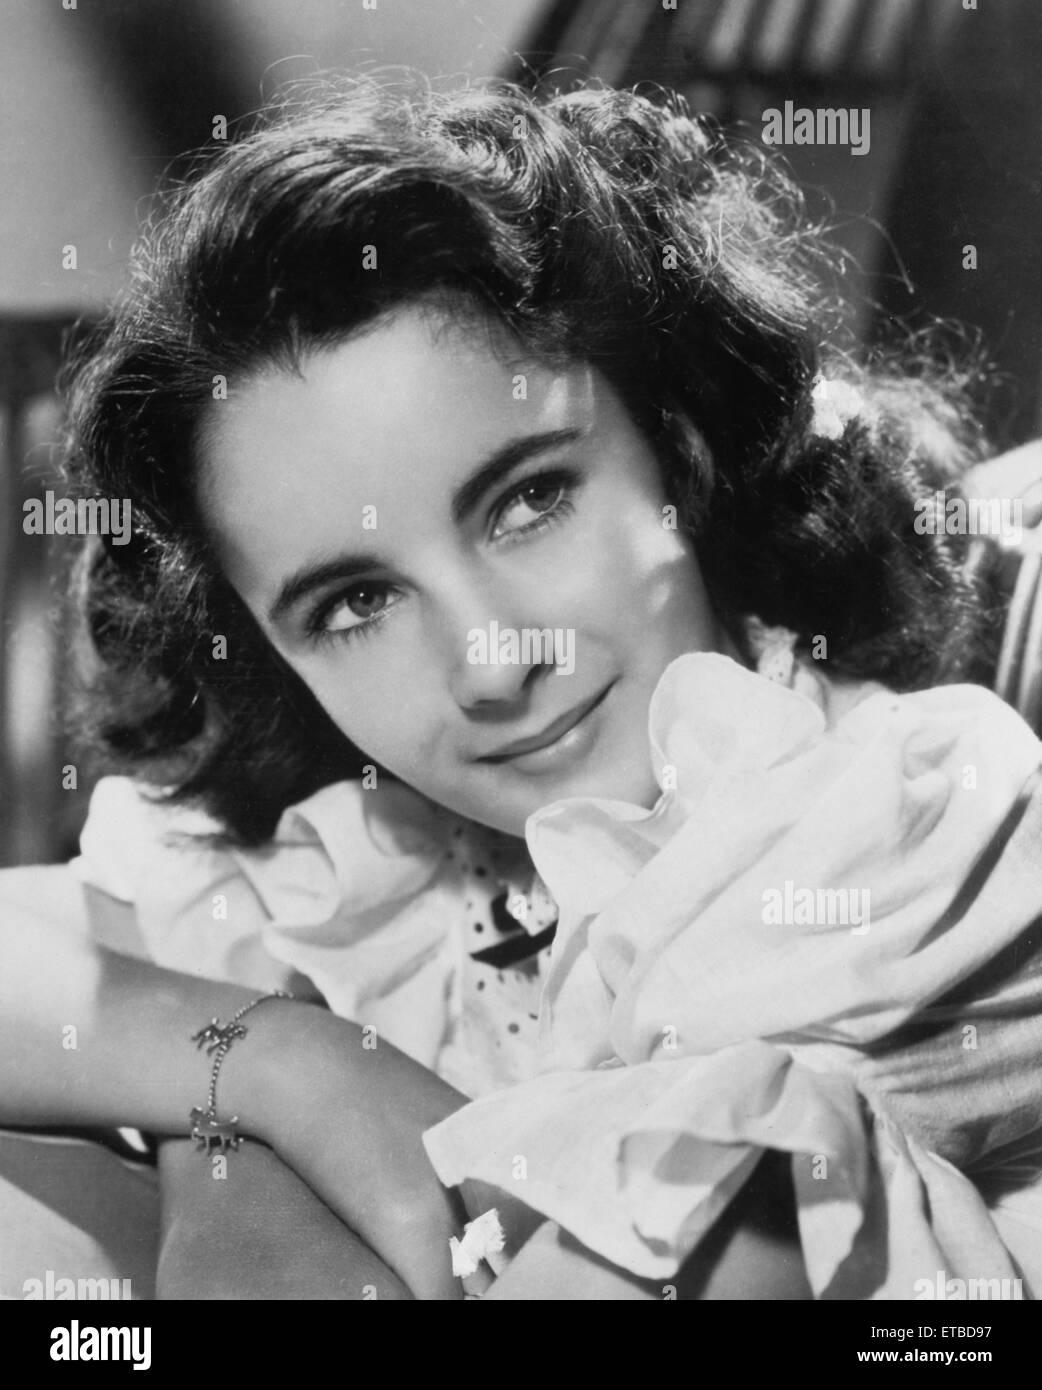 Actress Elizabeth Taylor, Publicity Portrait, 1944 - Stock Image